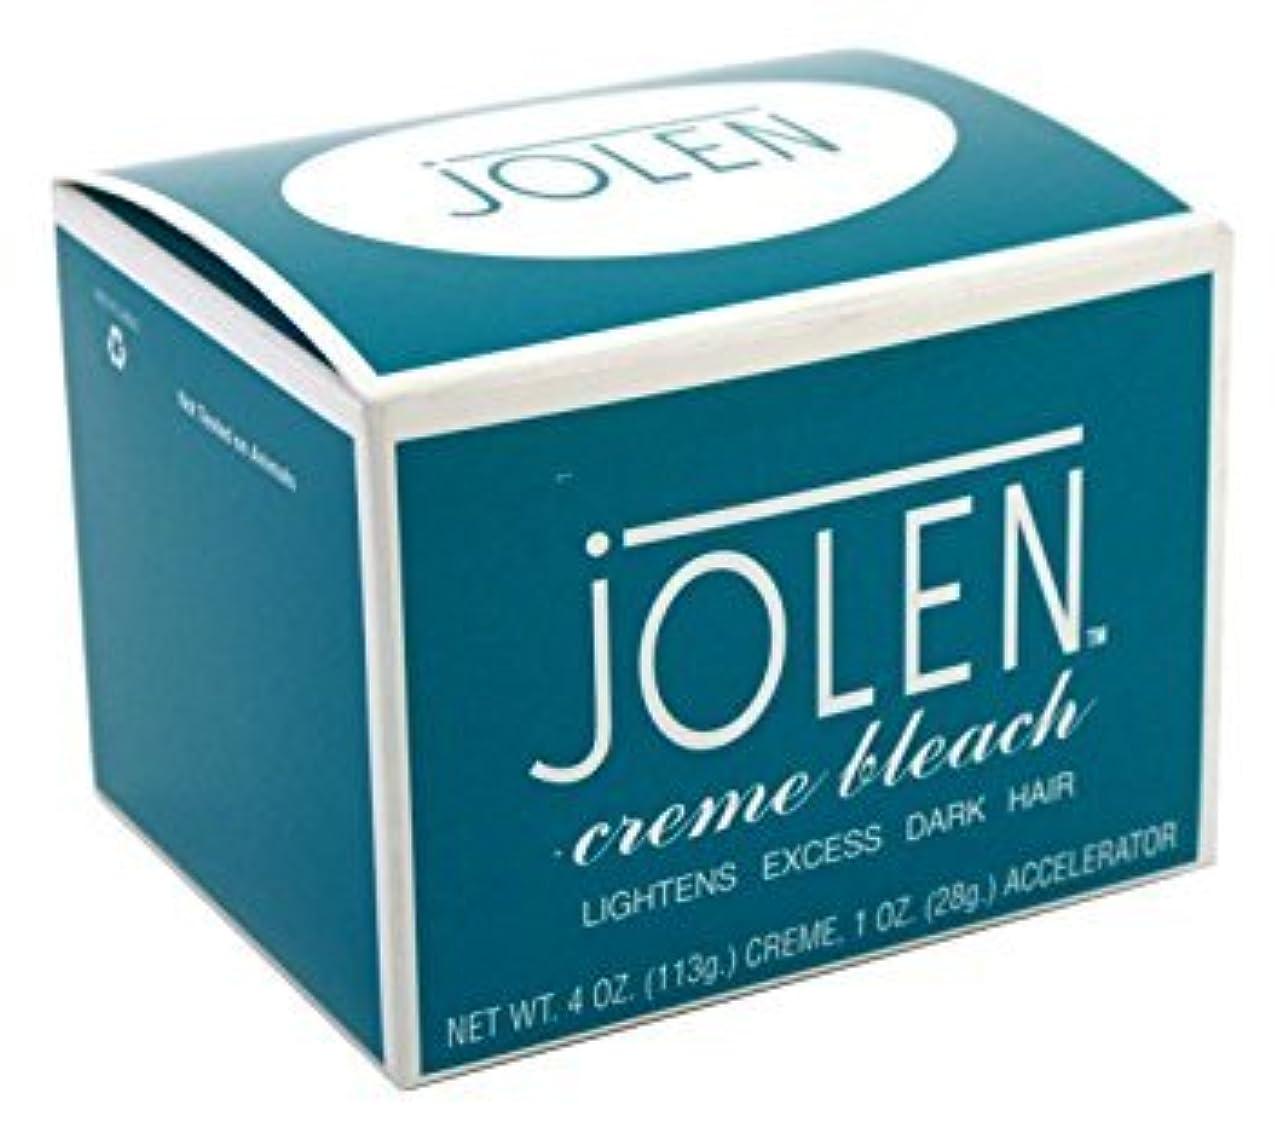 はねかける倉庫土曜日箱つぶれ Jolen ジョレン 眉用ブリーチクリーム  レギュラー 大きなサイズ 4オンス [並行輸入品]